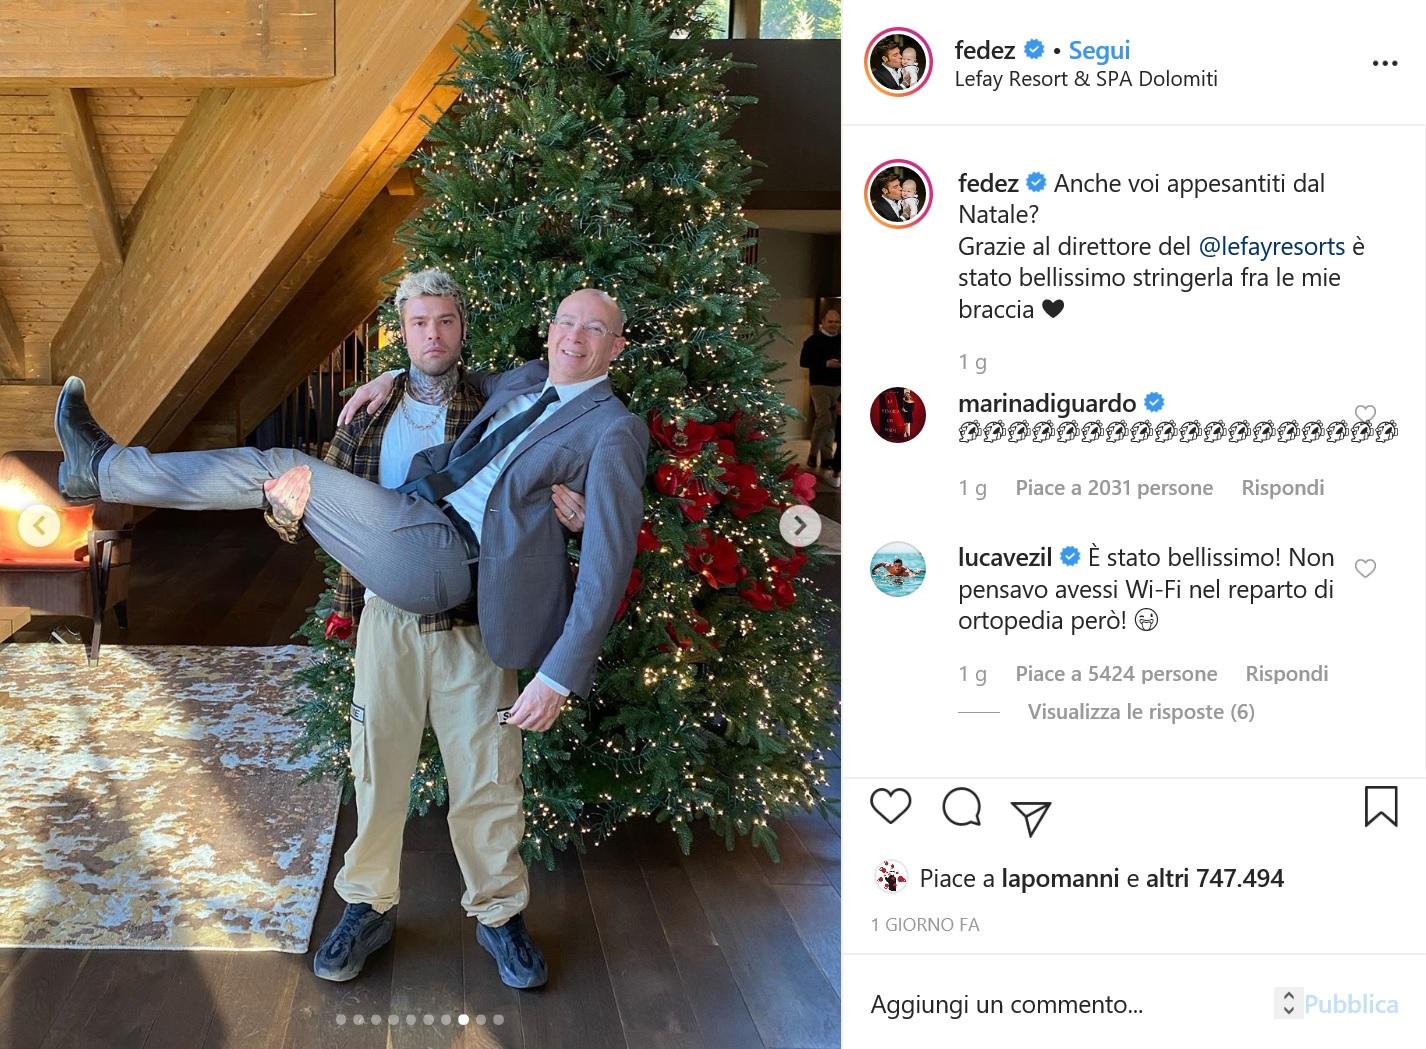 Fedez lascia il Resort Lefay e ringrazia il direttore Polegato